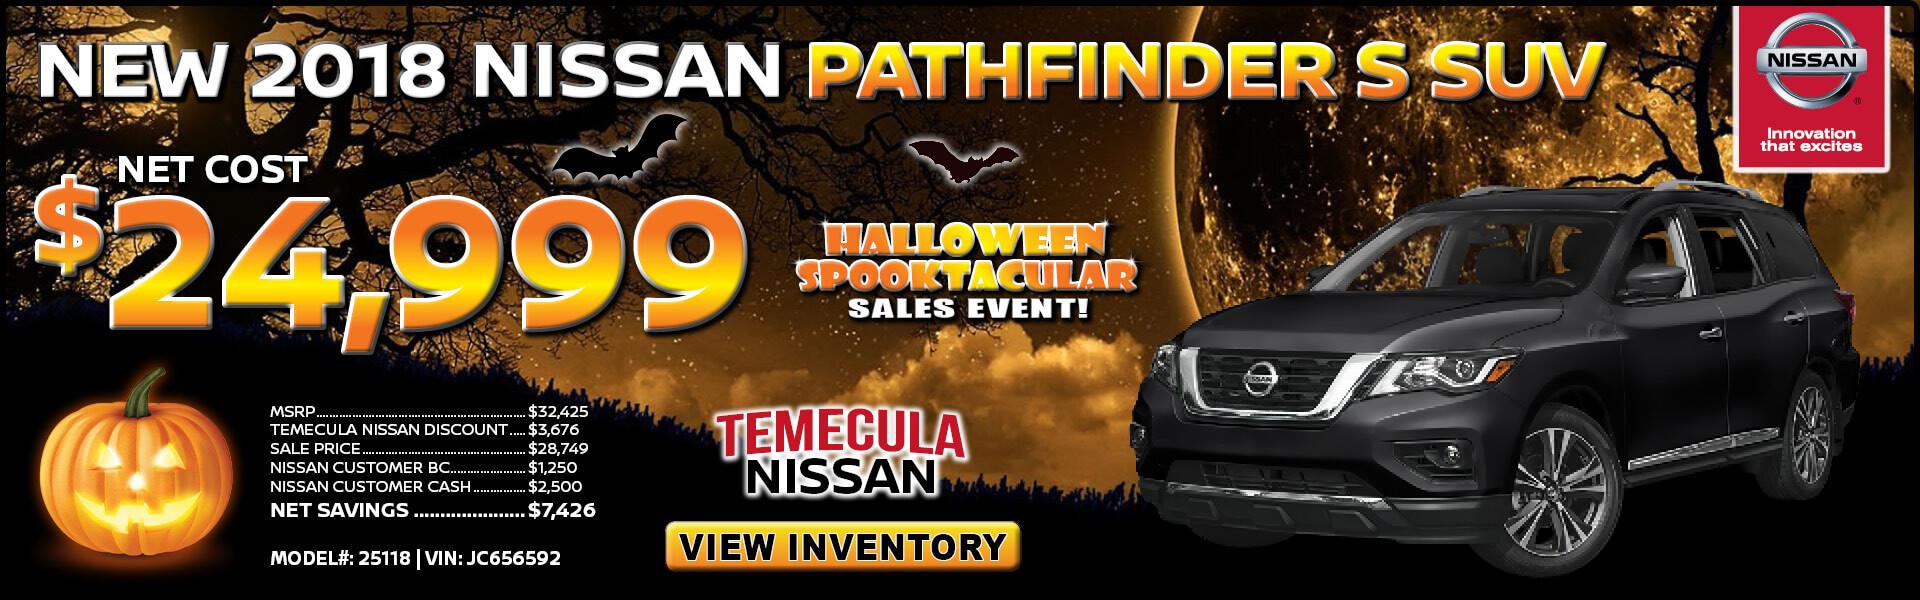 Nissan Pathfinder $24,999 Purchase